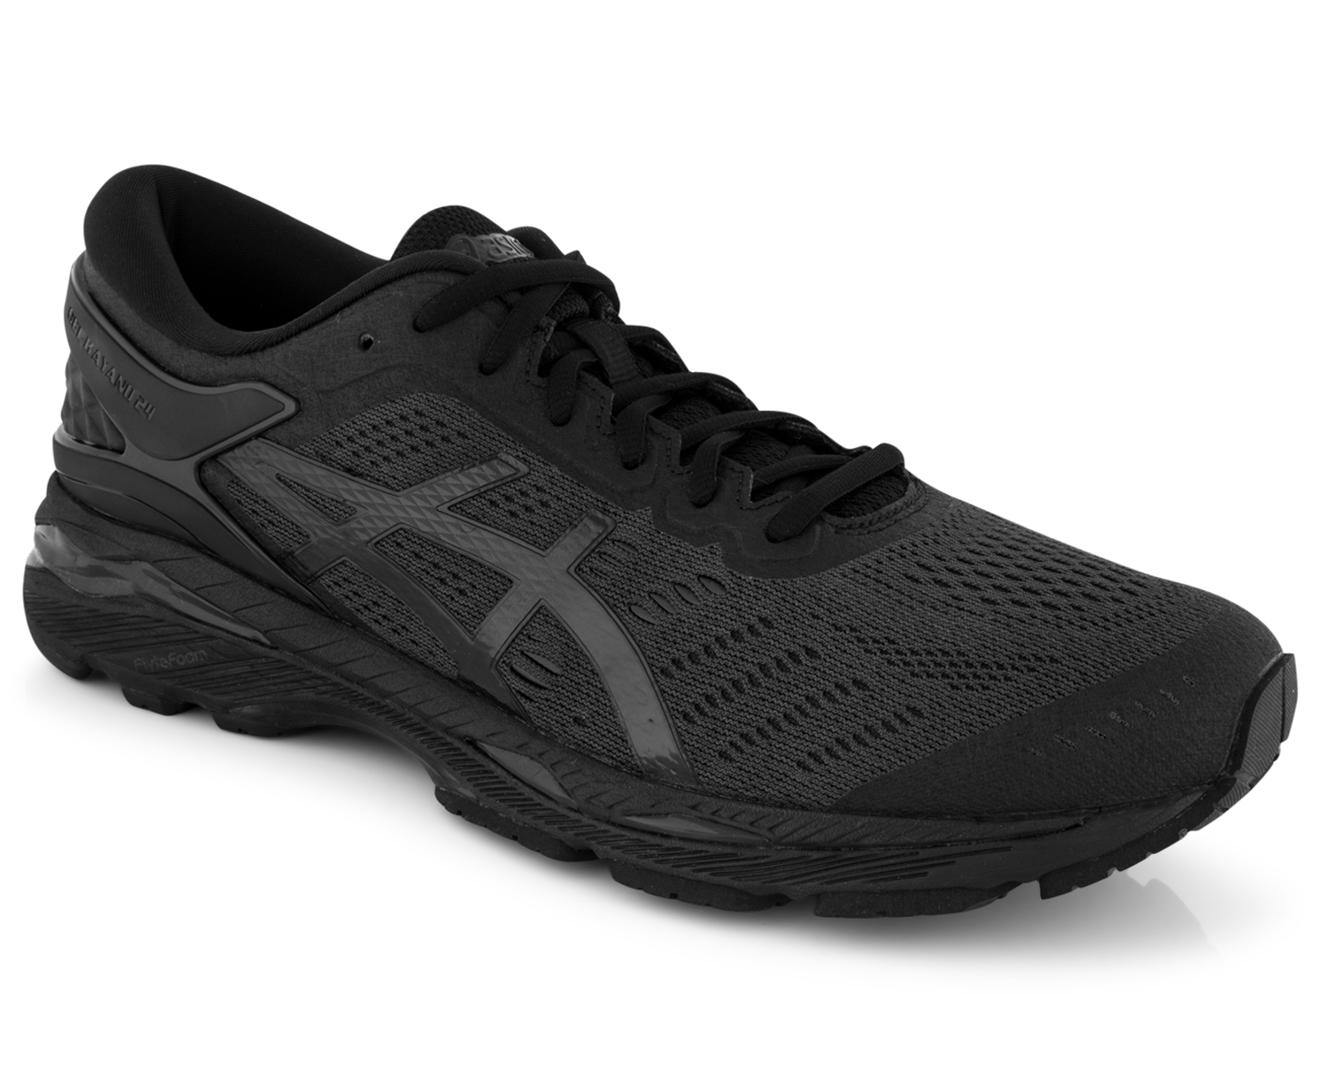 Asics Men S Gel Kayano 24 Shoe Black Black Carbon